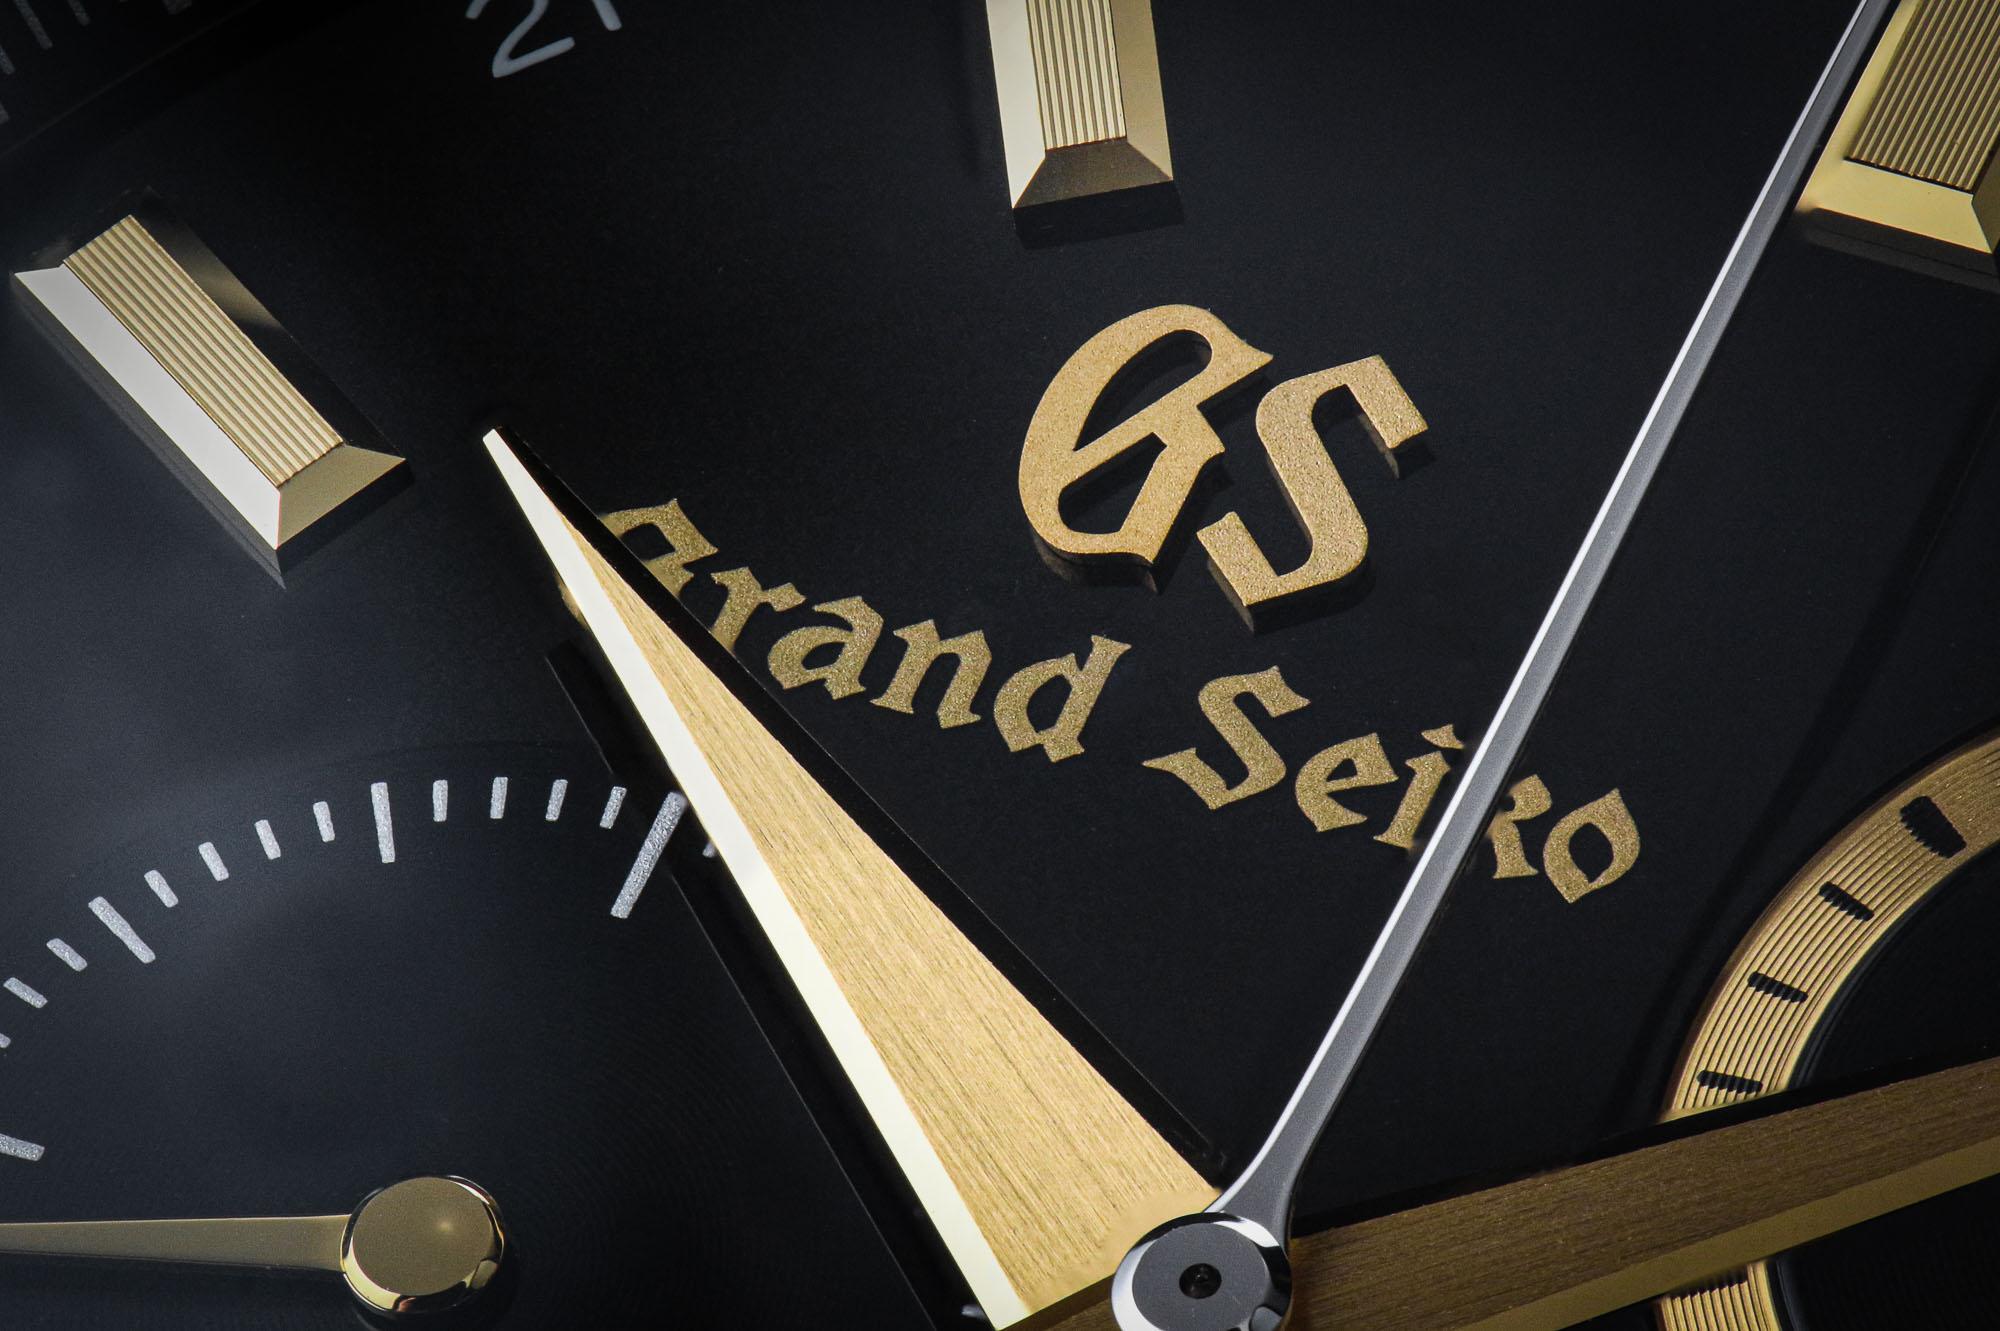 Logo detail on Grand Seiko SBGC240